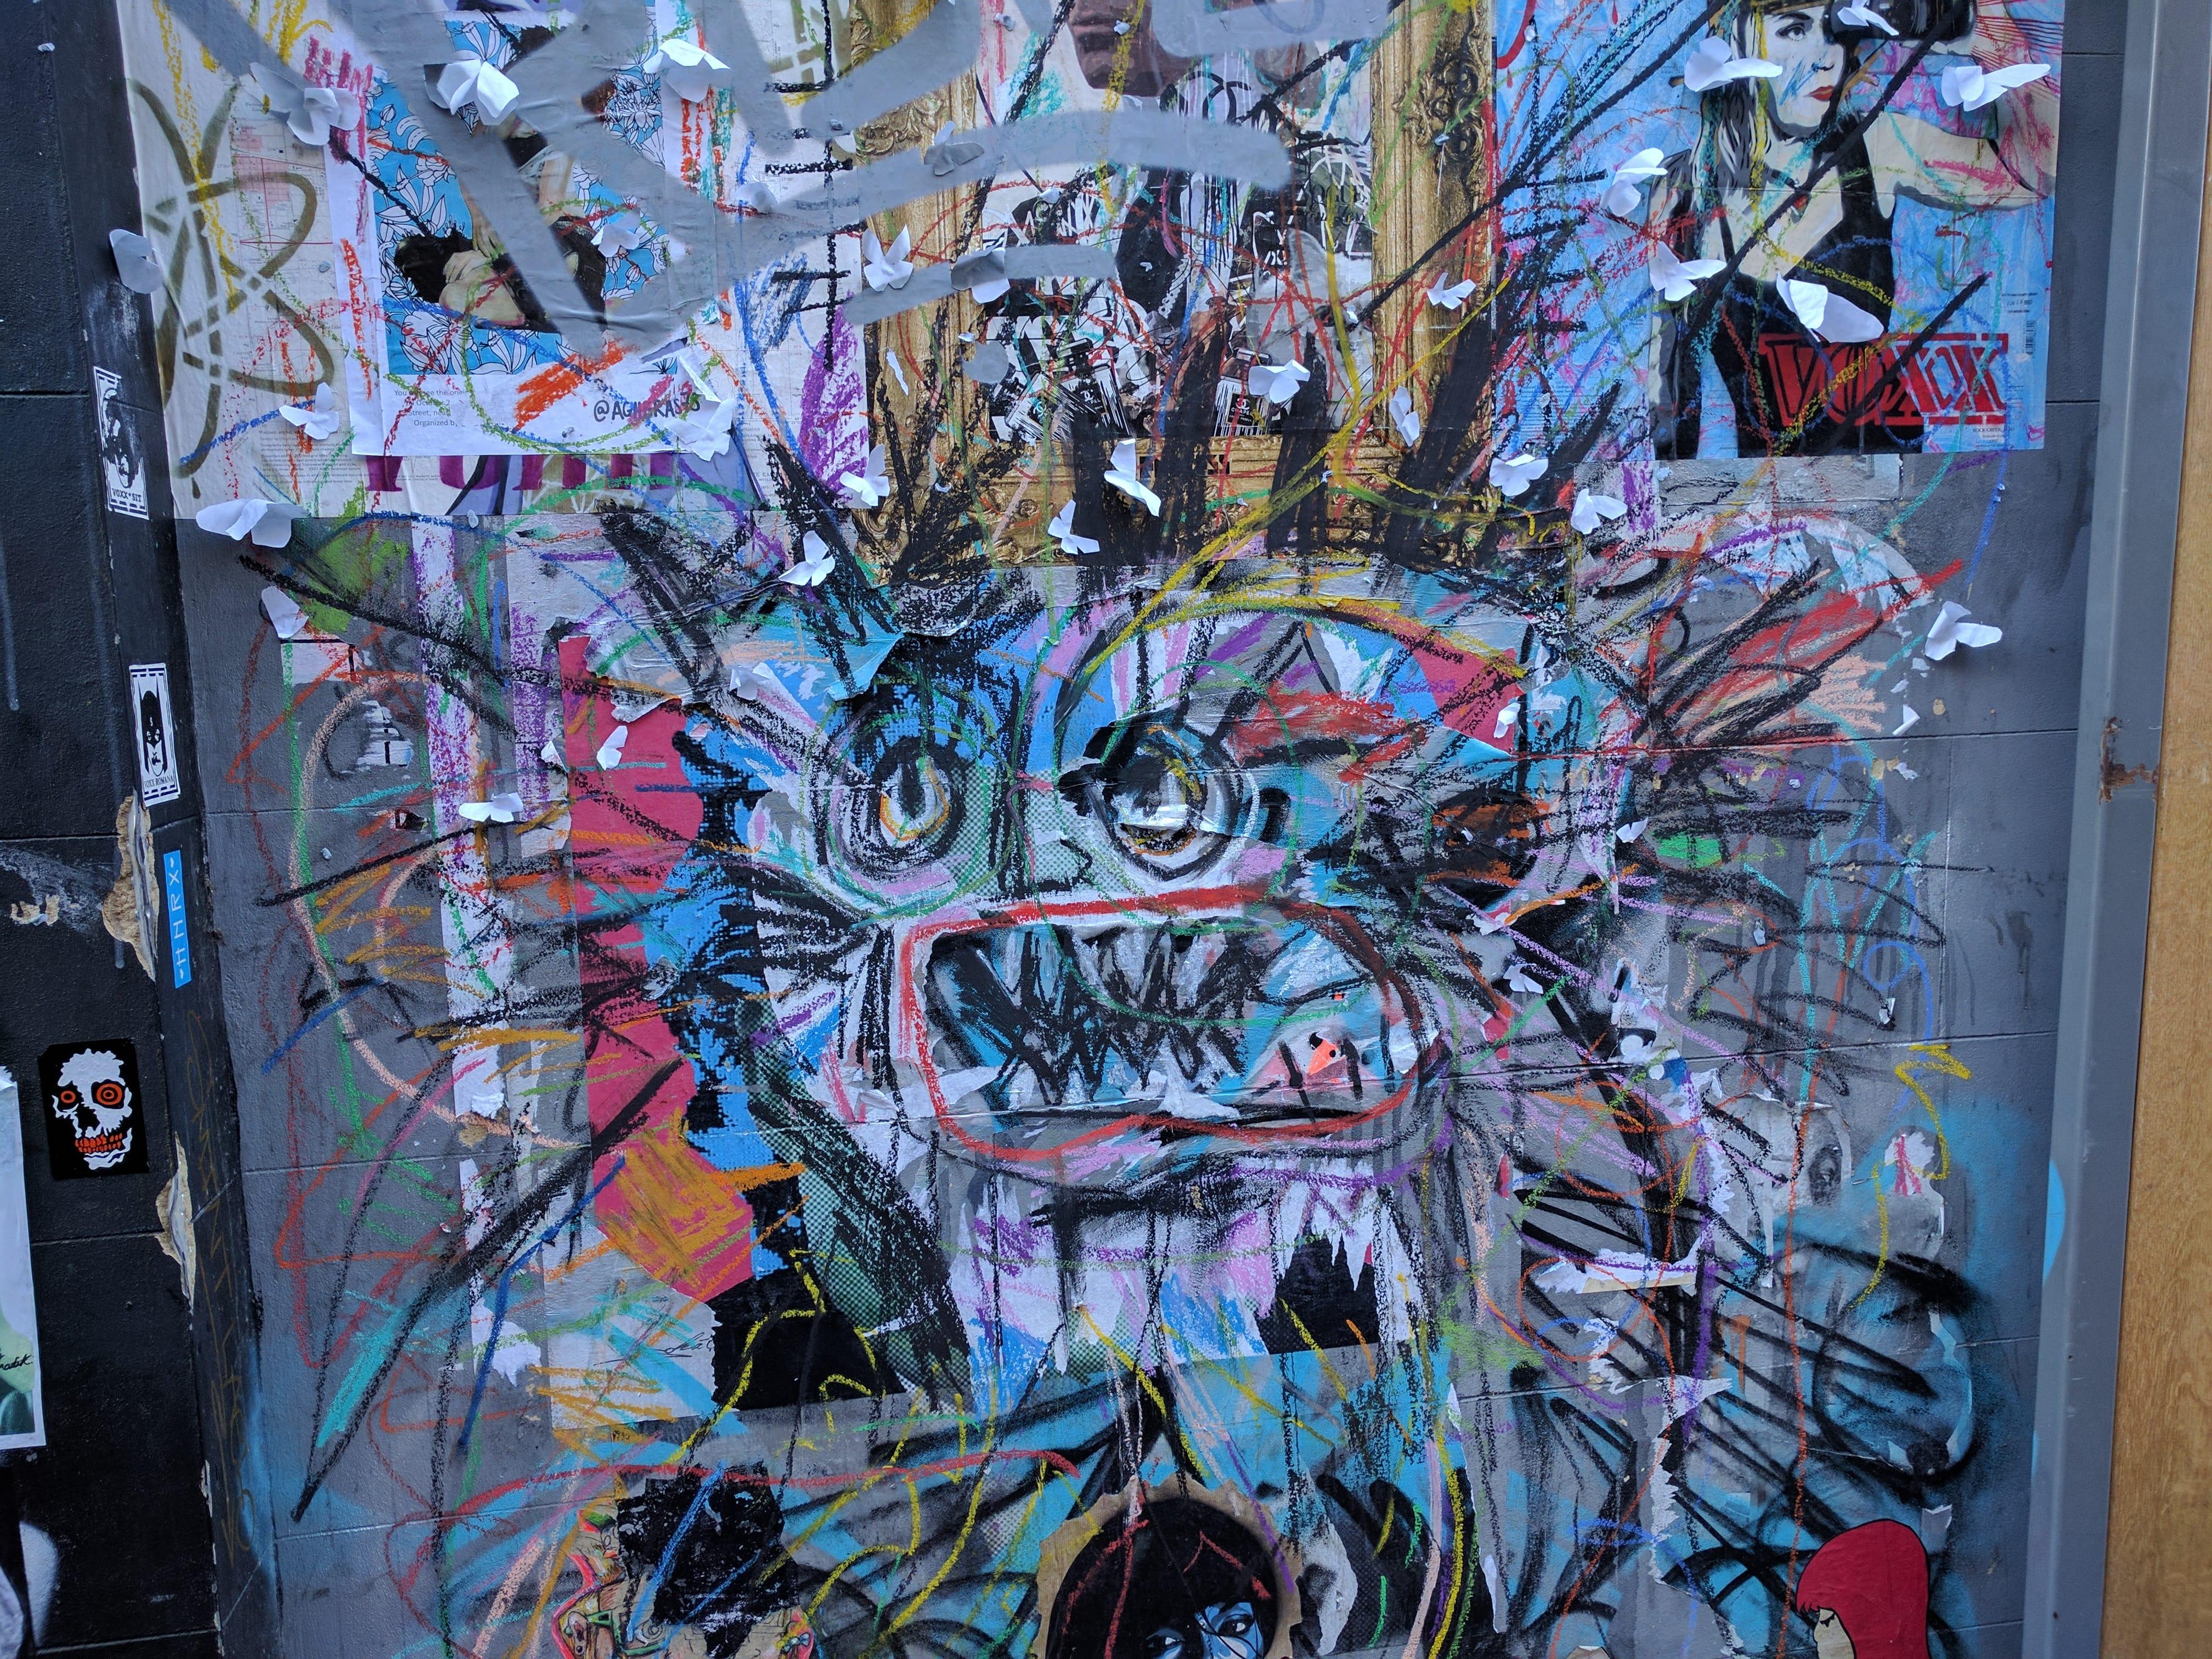 099-graffiti40